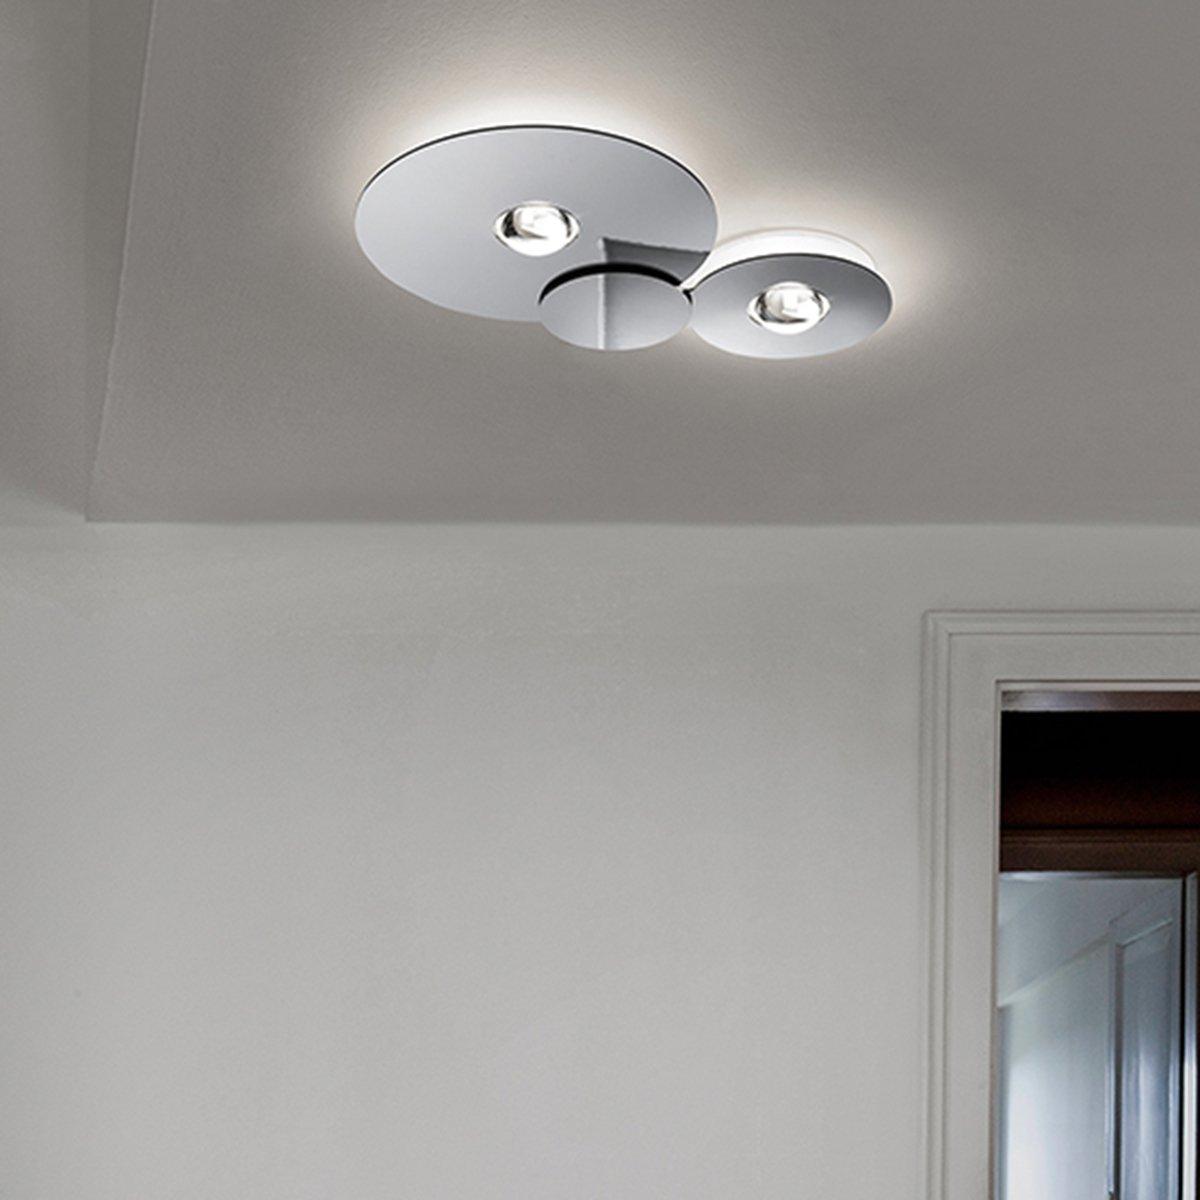 Full Size of Studio Italia Design Deckenleuchte Bugia Double 2700 K Designer Badezimmer Deckenleuchten Küche Led Schlafzimmer Modern Wohnzimmer Bad Lampen Esstisch Regale Wohnzimmer Deckenleuchte Design